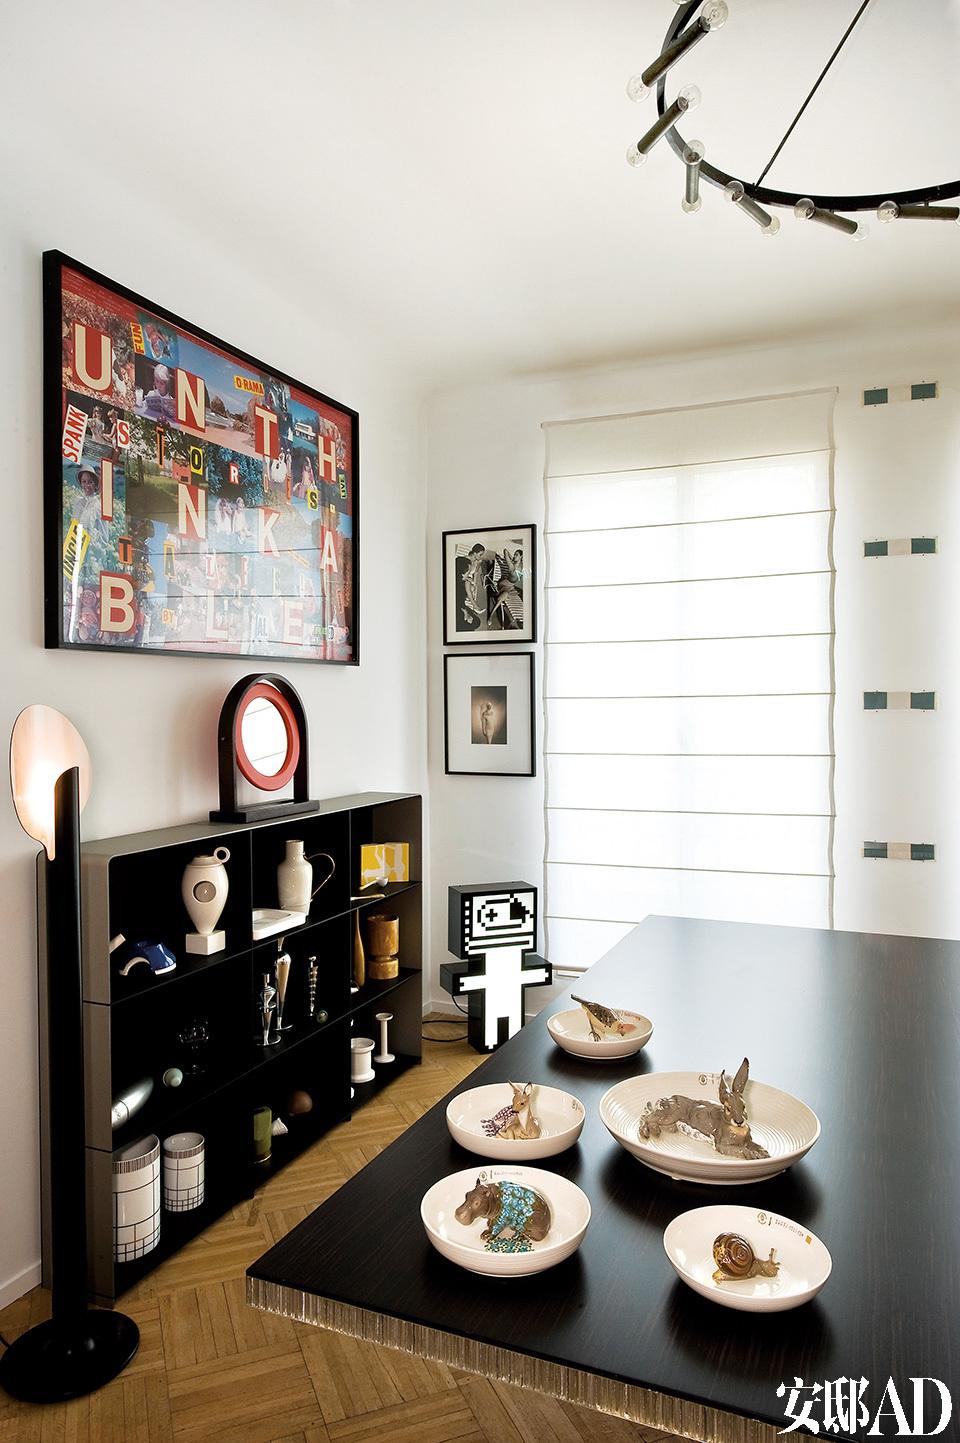 围绕着黑色餐桌,餐厅周围大大小小的艺术品、设计品数不胜数。餐桌上放着德国宁芬堡的陶器摆件,由Hella Jongerius创作。落地灯来自Pierre Paulin,由Martin Szekely设计的搁架上摆满了Jasper Morrison创作的花瓶。上面的小镜子由EttoreSottsass设计,大幅拼贴画也由Allen Ruppersberg创作。窗边挂着Daniel Buren的作品,下方的灯具雕塑由M&M出品。